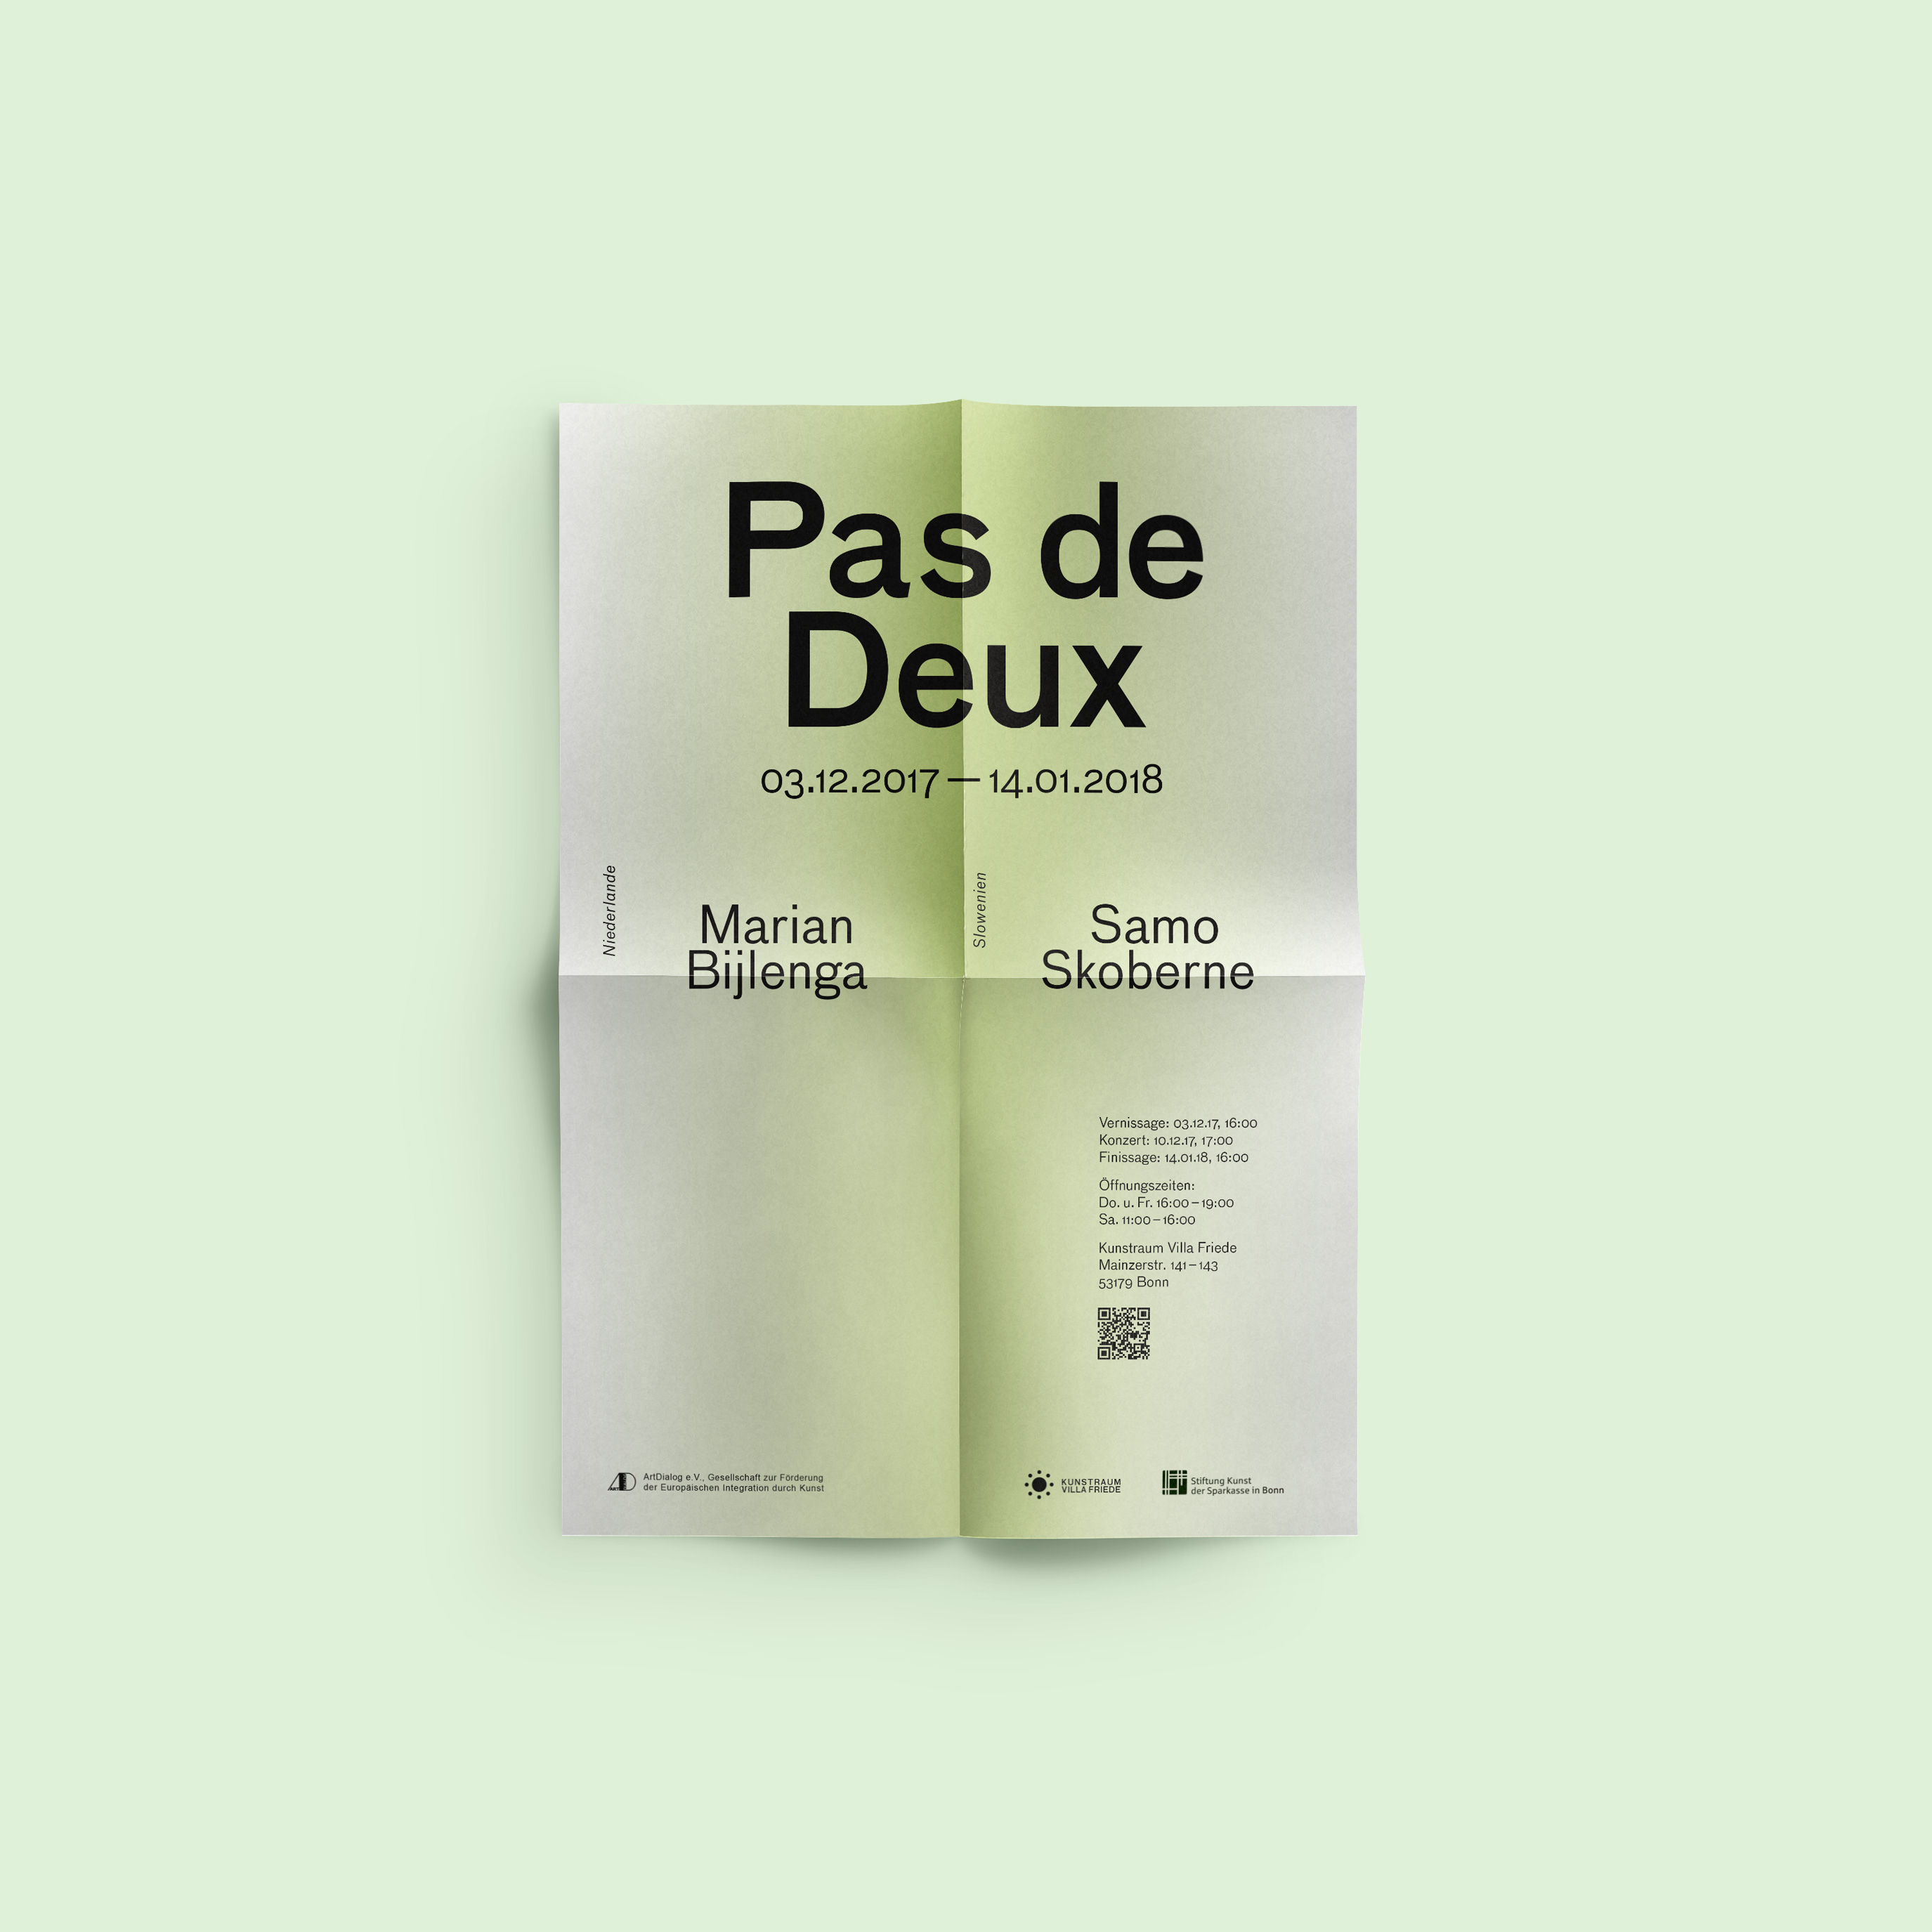 buero_freiheit_corporate_design_pas_de_deux_poster_3 Pas de Deux Ausstellungsdesign